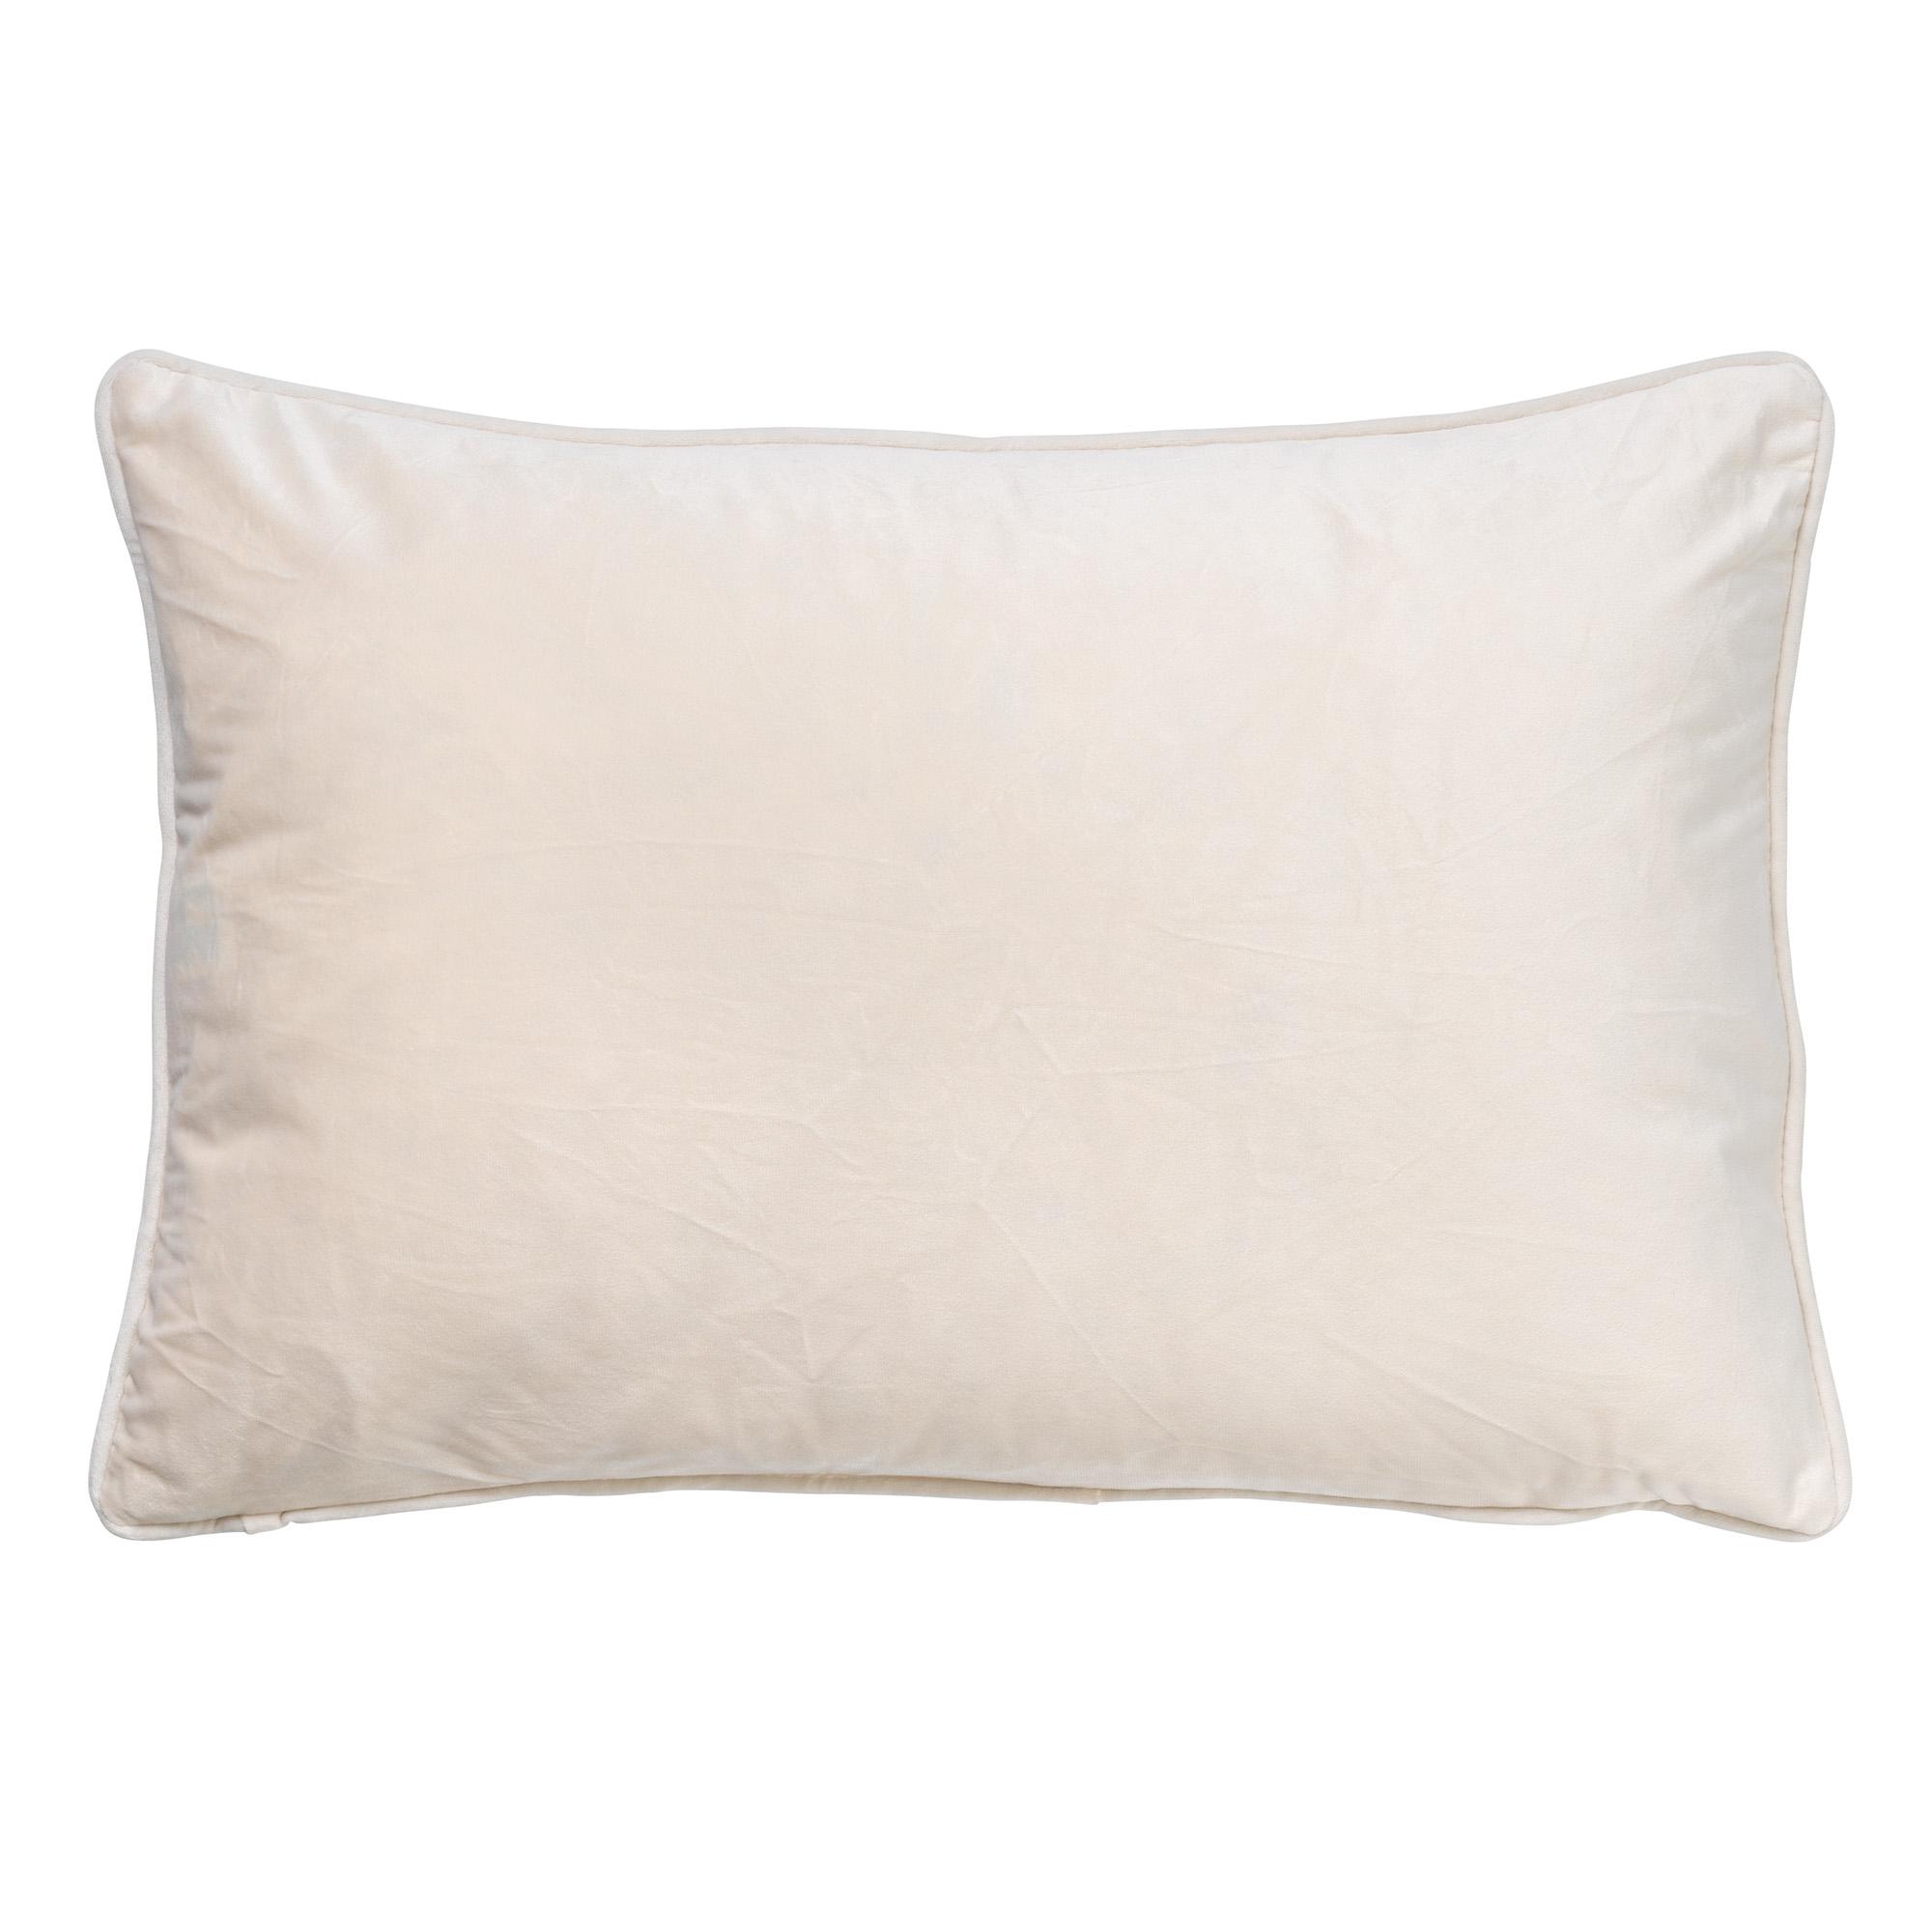 FINN - Sierkussen velvet Snow White 40x60 cm